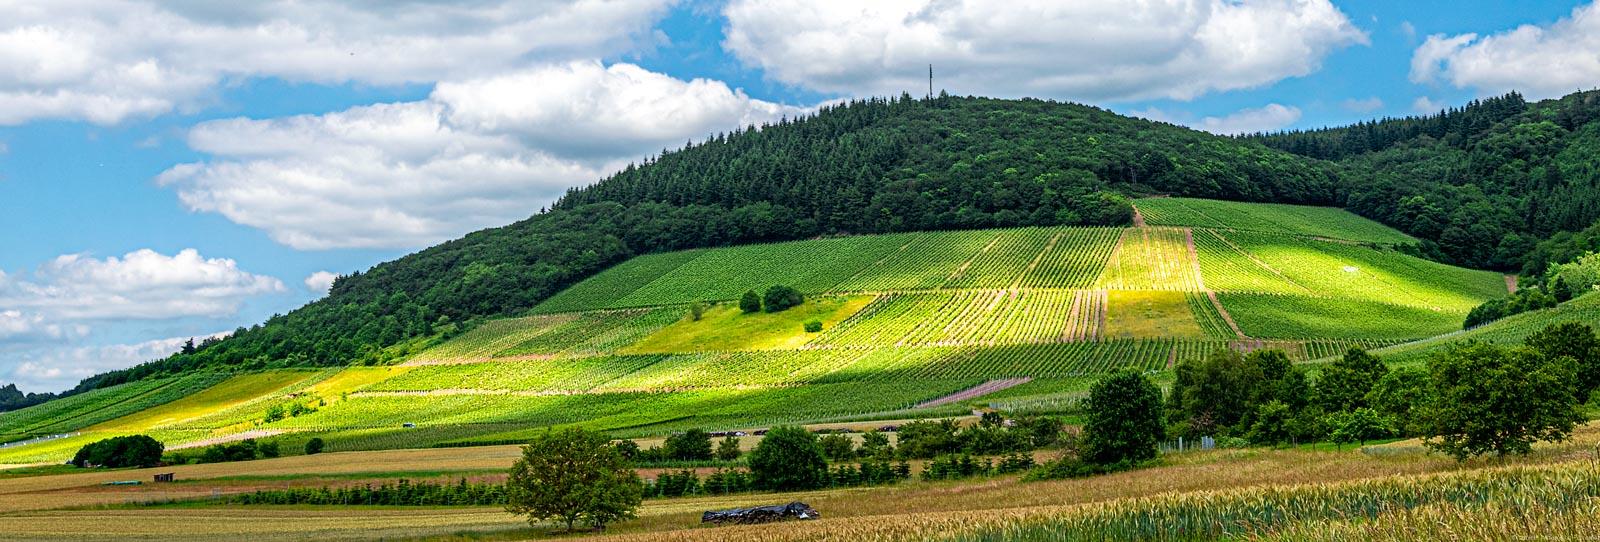 Vorne sind Wiesen. In der Mitte ist der Weinberg Oberemmeler Karlsberg. Oben ist der Himmel.